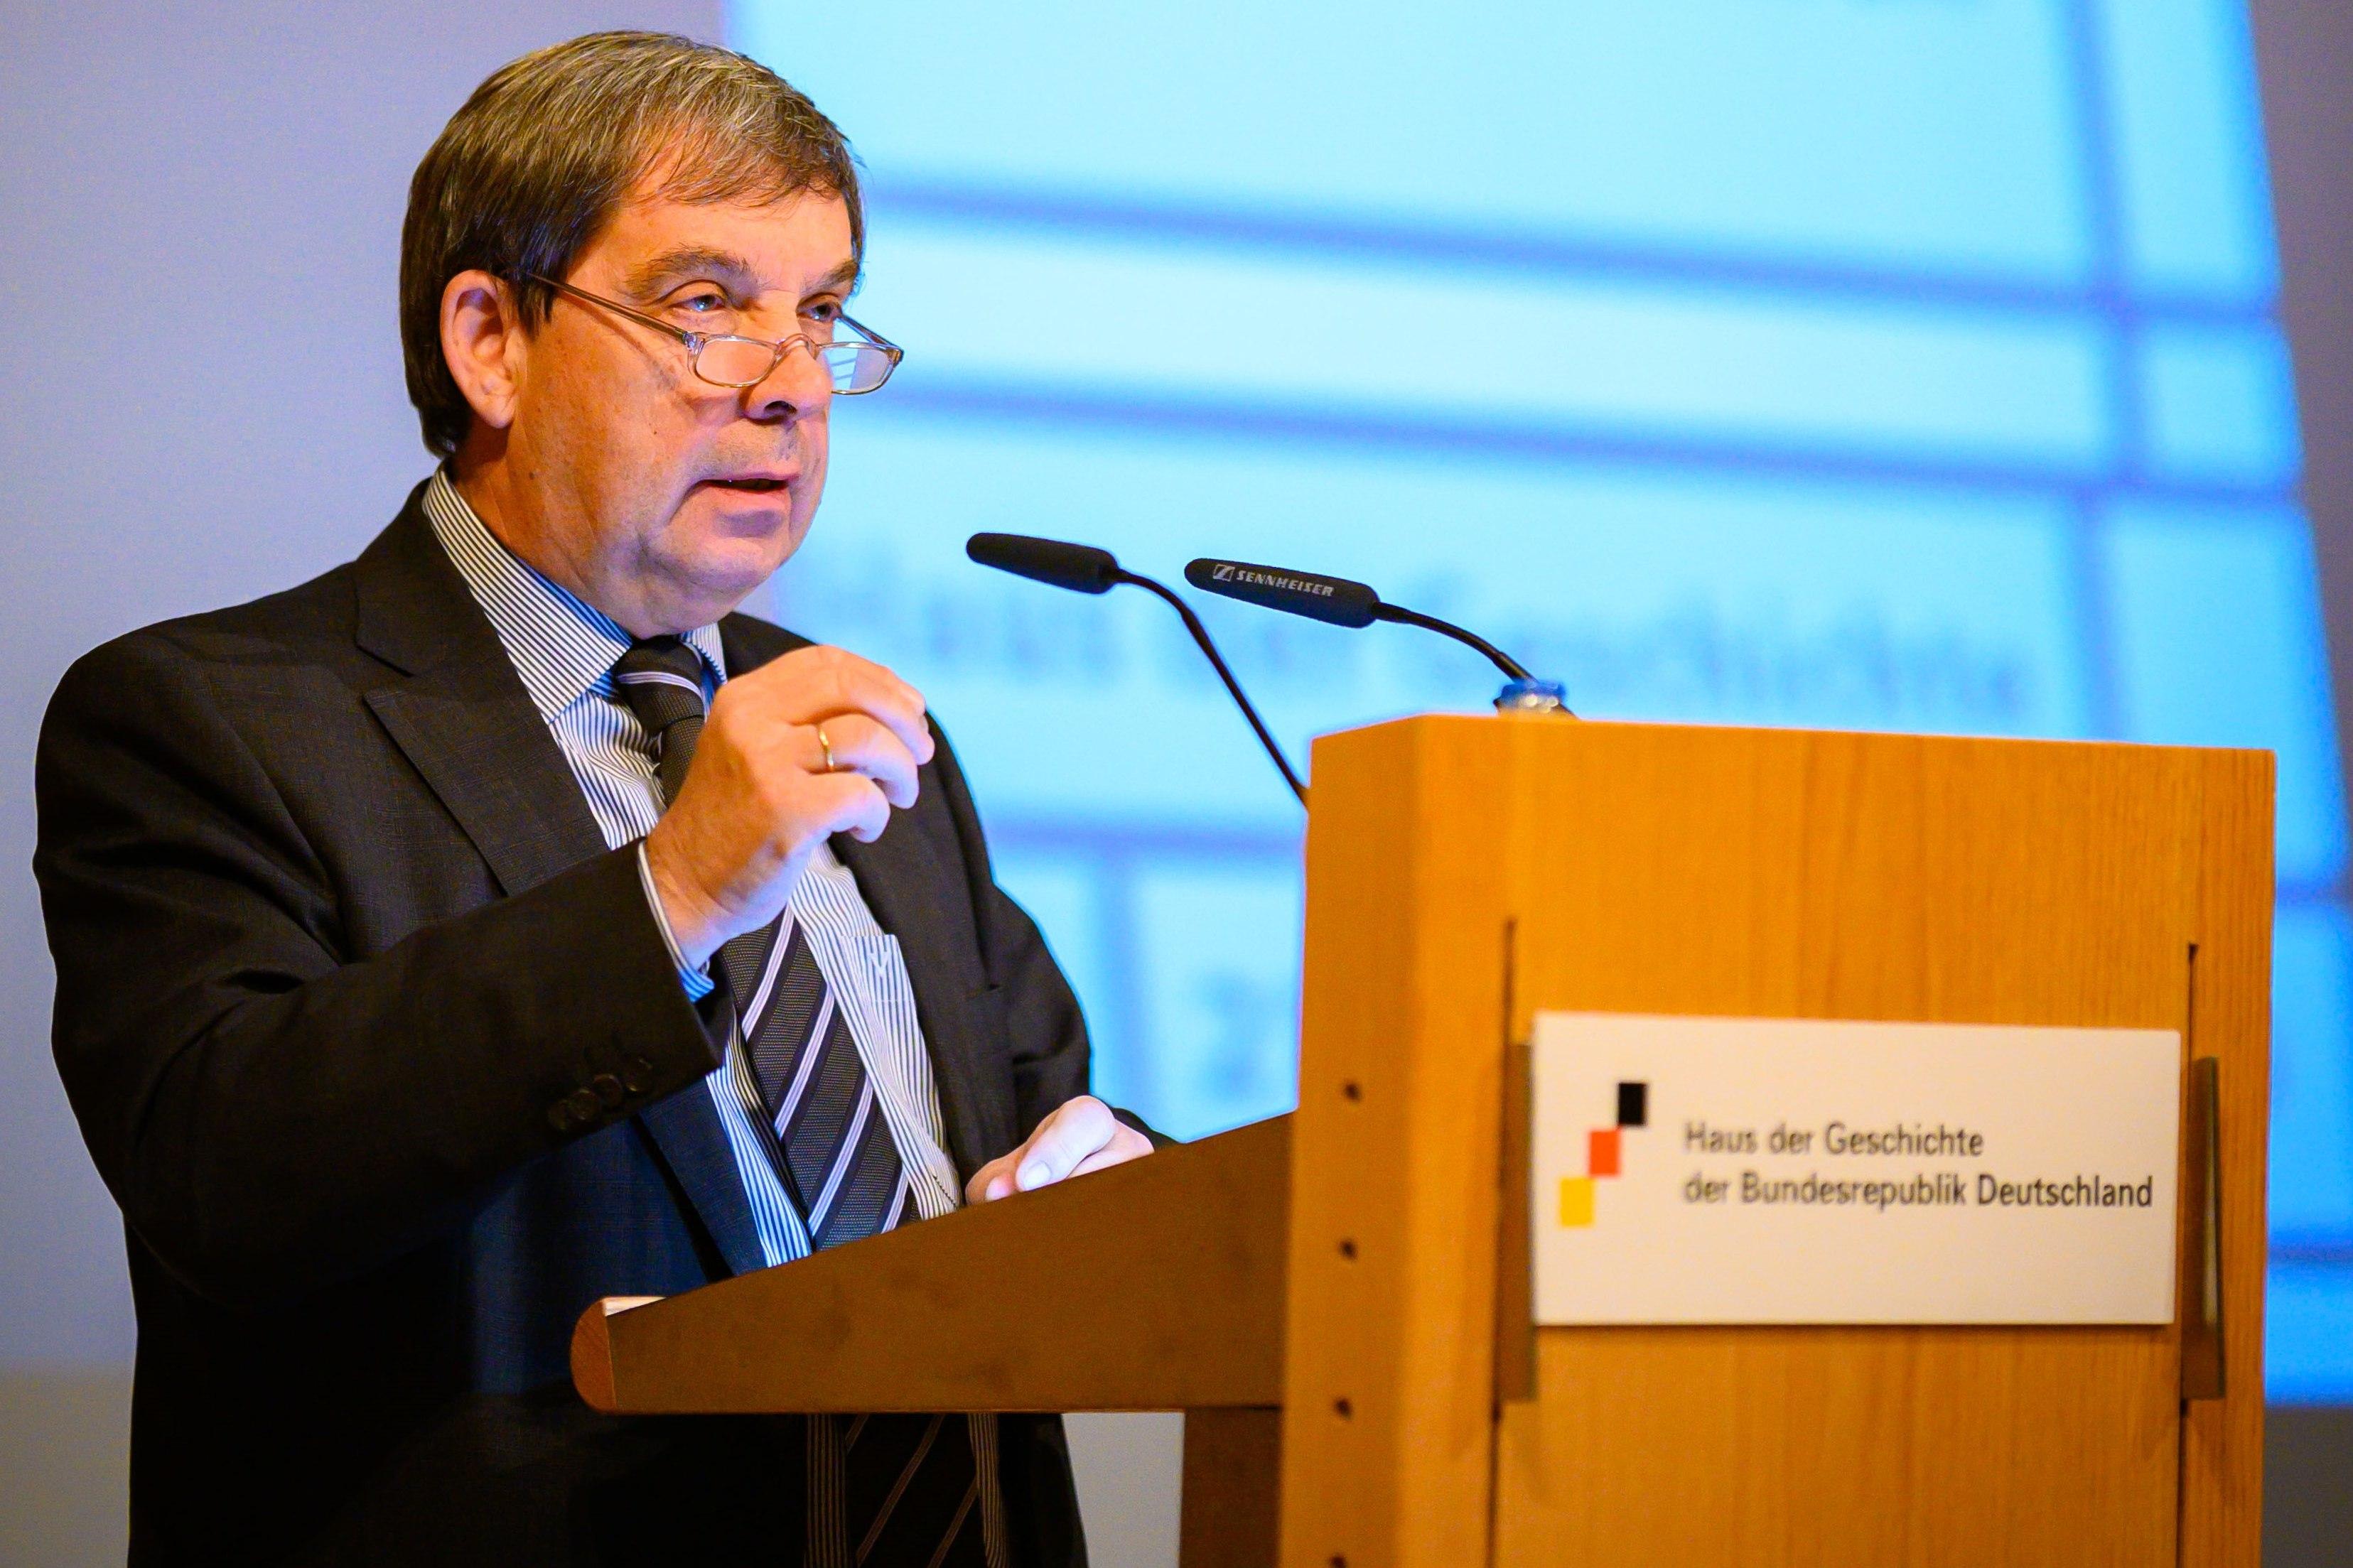 Stiftungspräsident Hans Walter Hütter bei einer Rede im Rotary Club Mönchengladbach-Niers am 16. September 2019